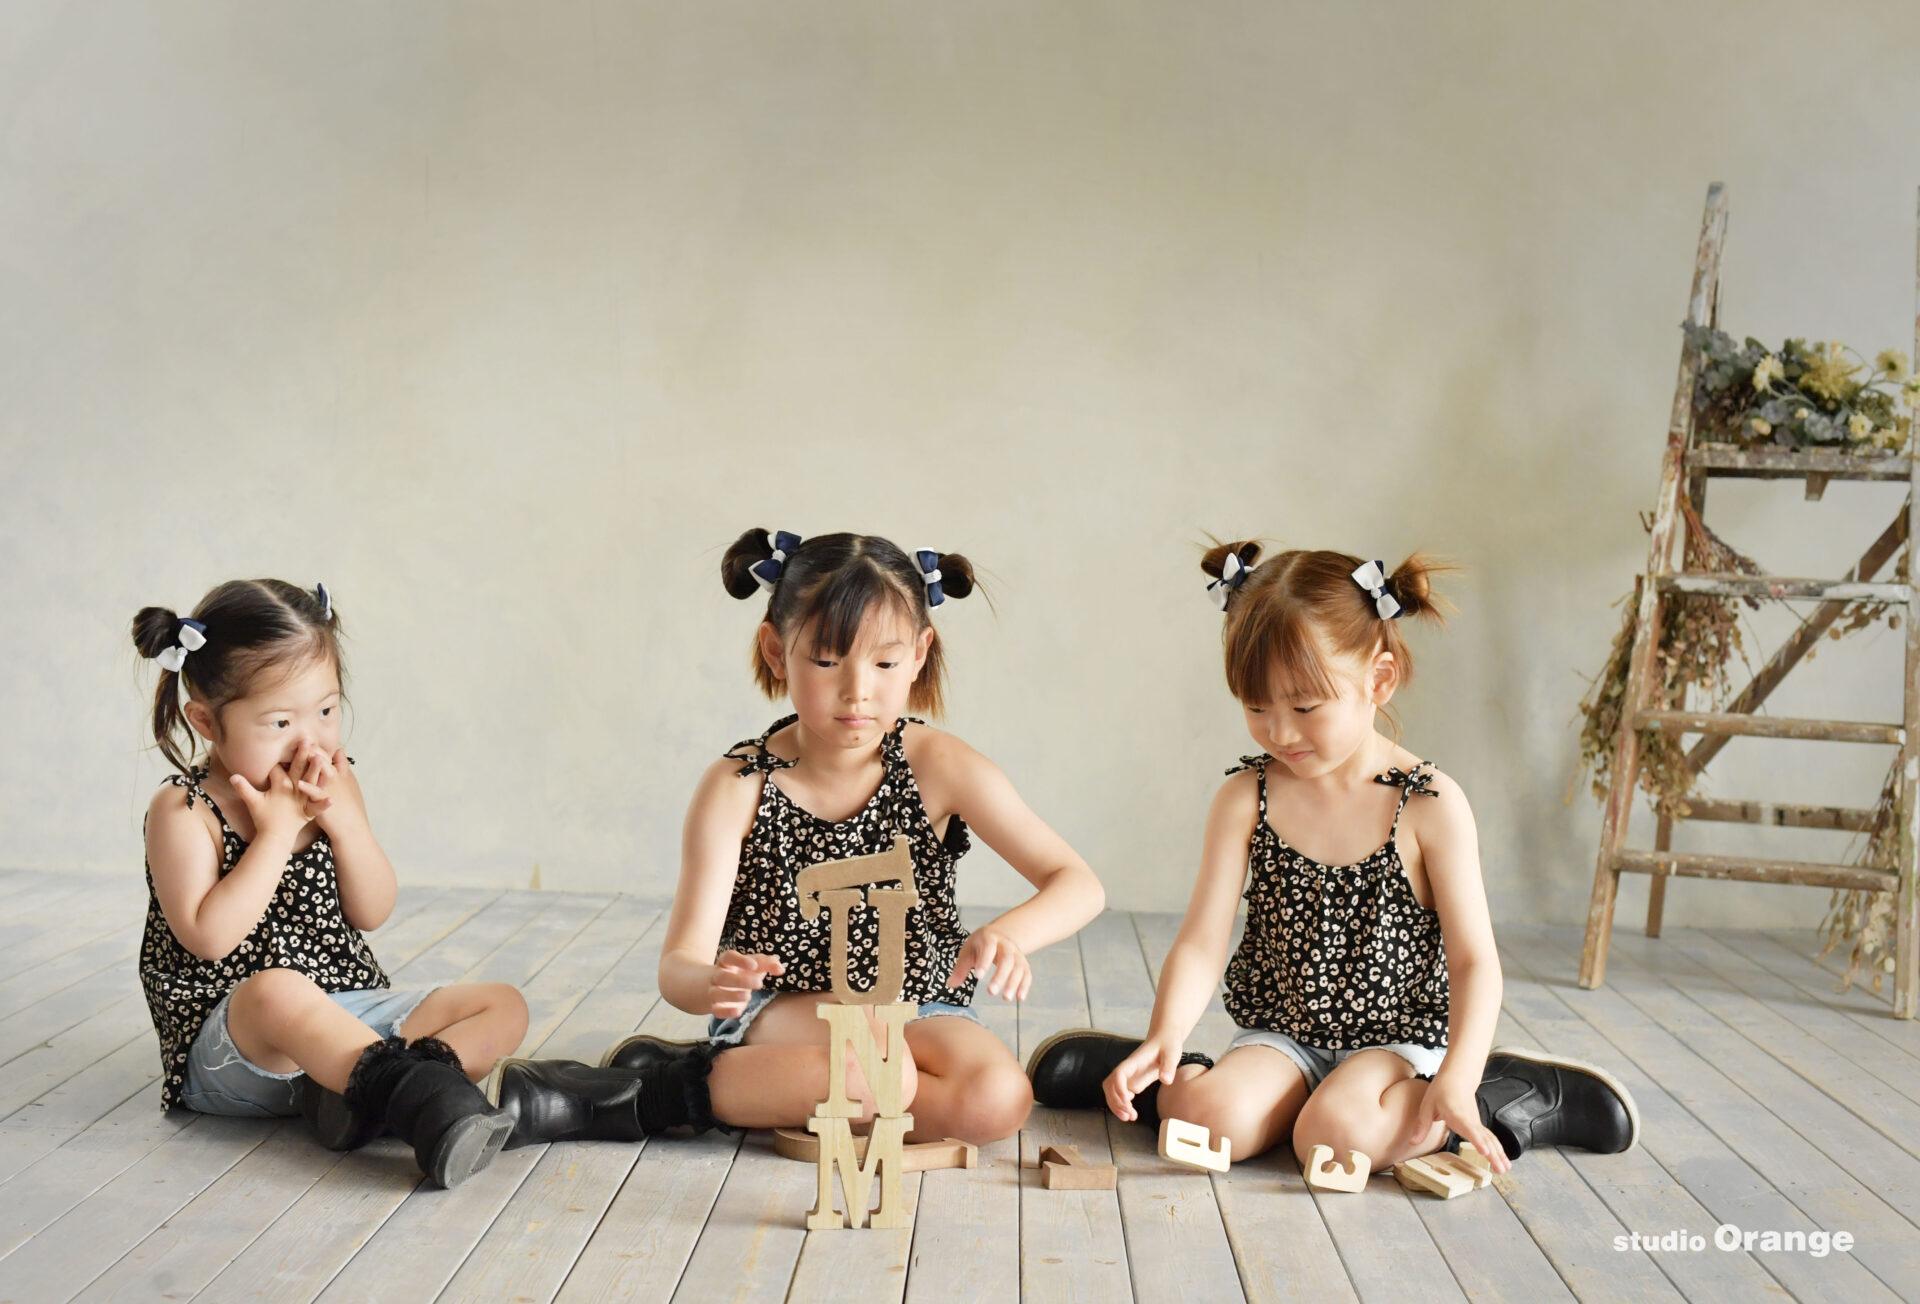 フォトスタジオ 3姉妹 私服